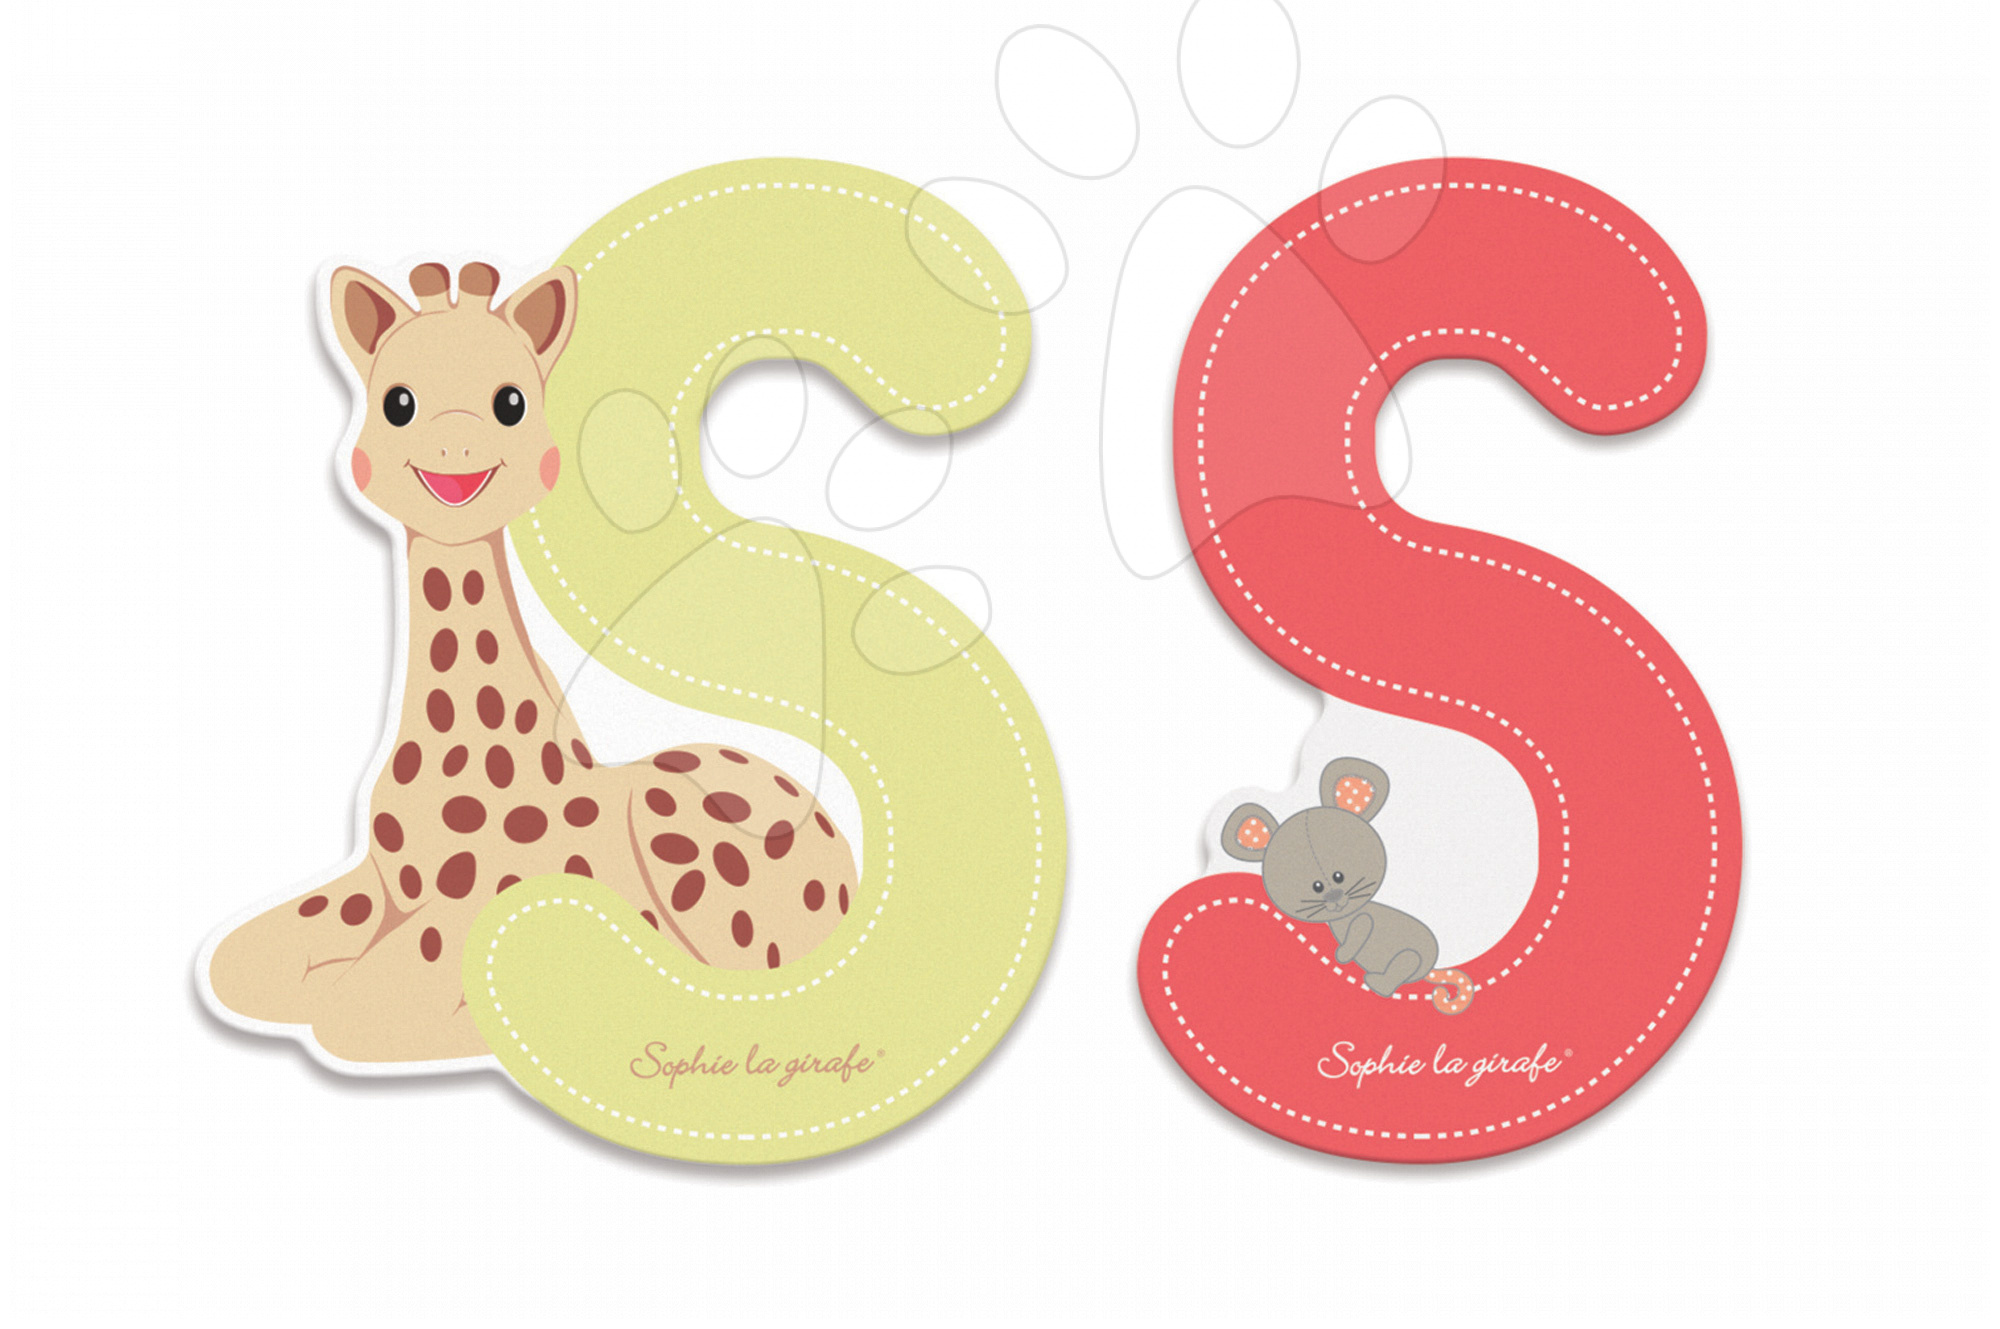 Dekorácie do detských izieb - Drevené písmeno S Sophie The Giraffe Janod lepiace 7 cm béžové/červené od 3 rokov